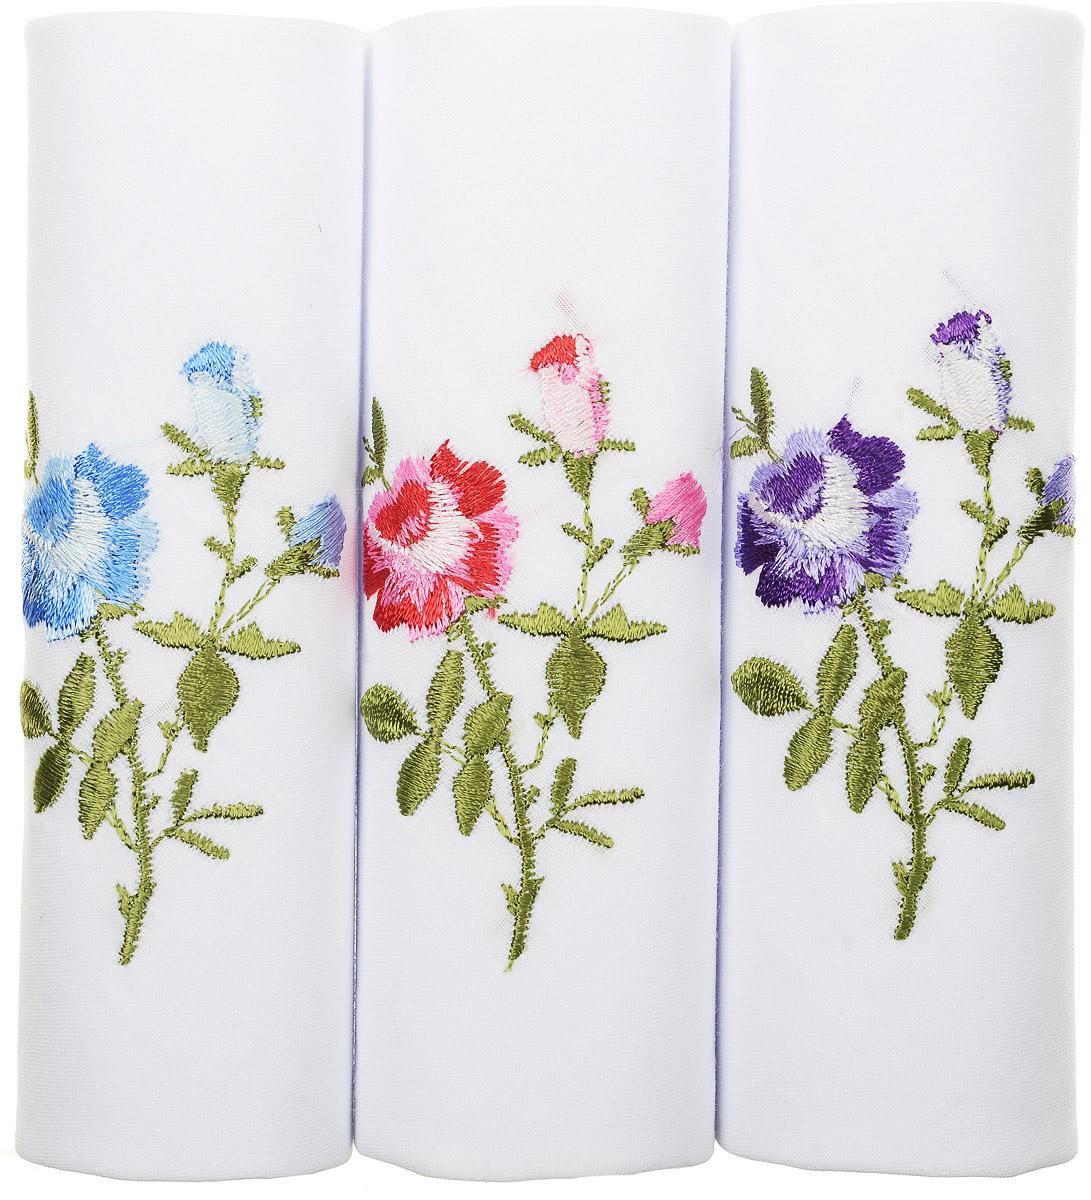 Платок носовой женский Zlata Korunka, цвет: белый, мультиколор, 3 шт. 40320-3. Размер 43 см х 43 см40320-3Оригинальный женский носовой платок Zlata Korunka изготовлен из высококачественного натурального хлопка, благодаря чему приятен в использовании, хорошо стирается, не садится и отлично впитывает влагу. Практичный и изящный носовой платок будет незаменим в повседневной жизни любого современного человека. Такой платок послужит стильным аксессуаром и подчеркнет ваше превосходное чувство вкуса.